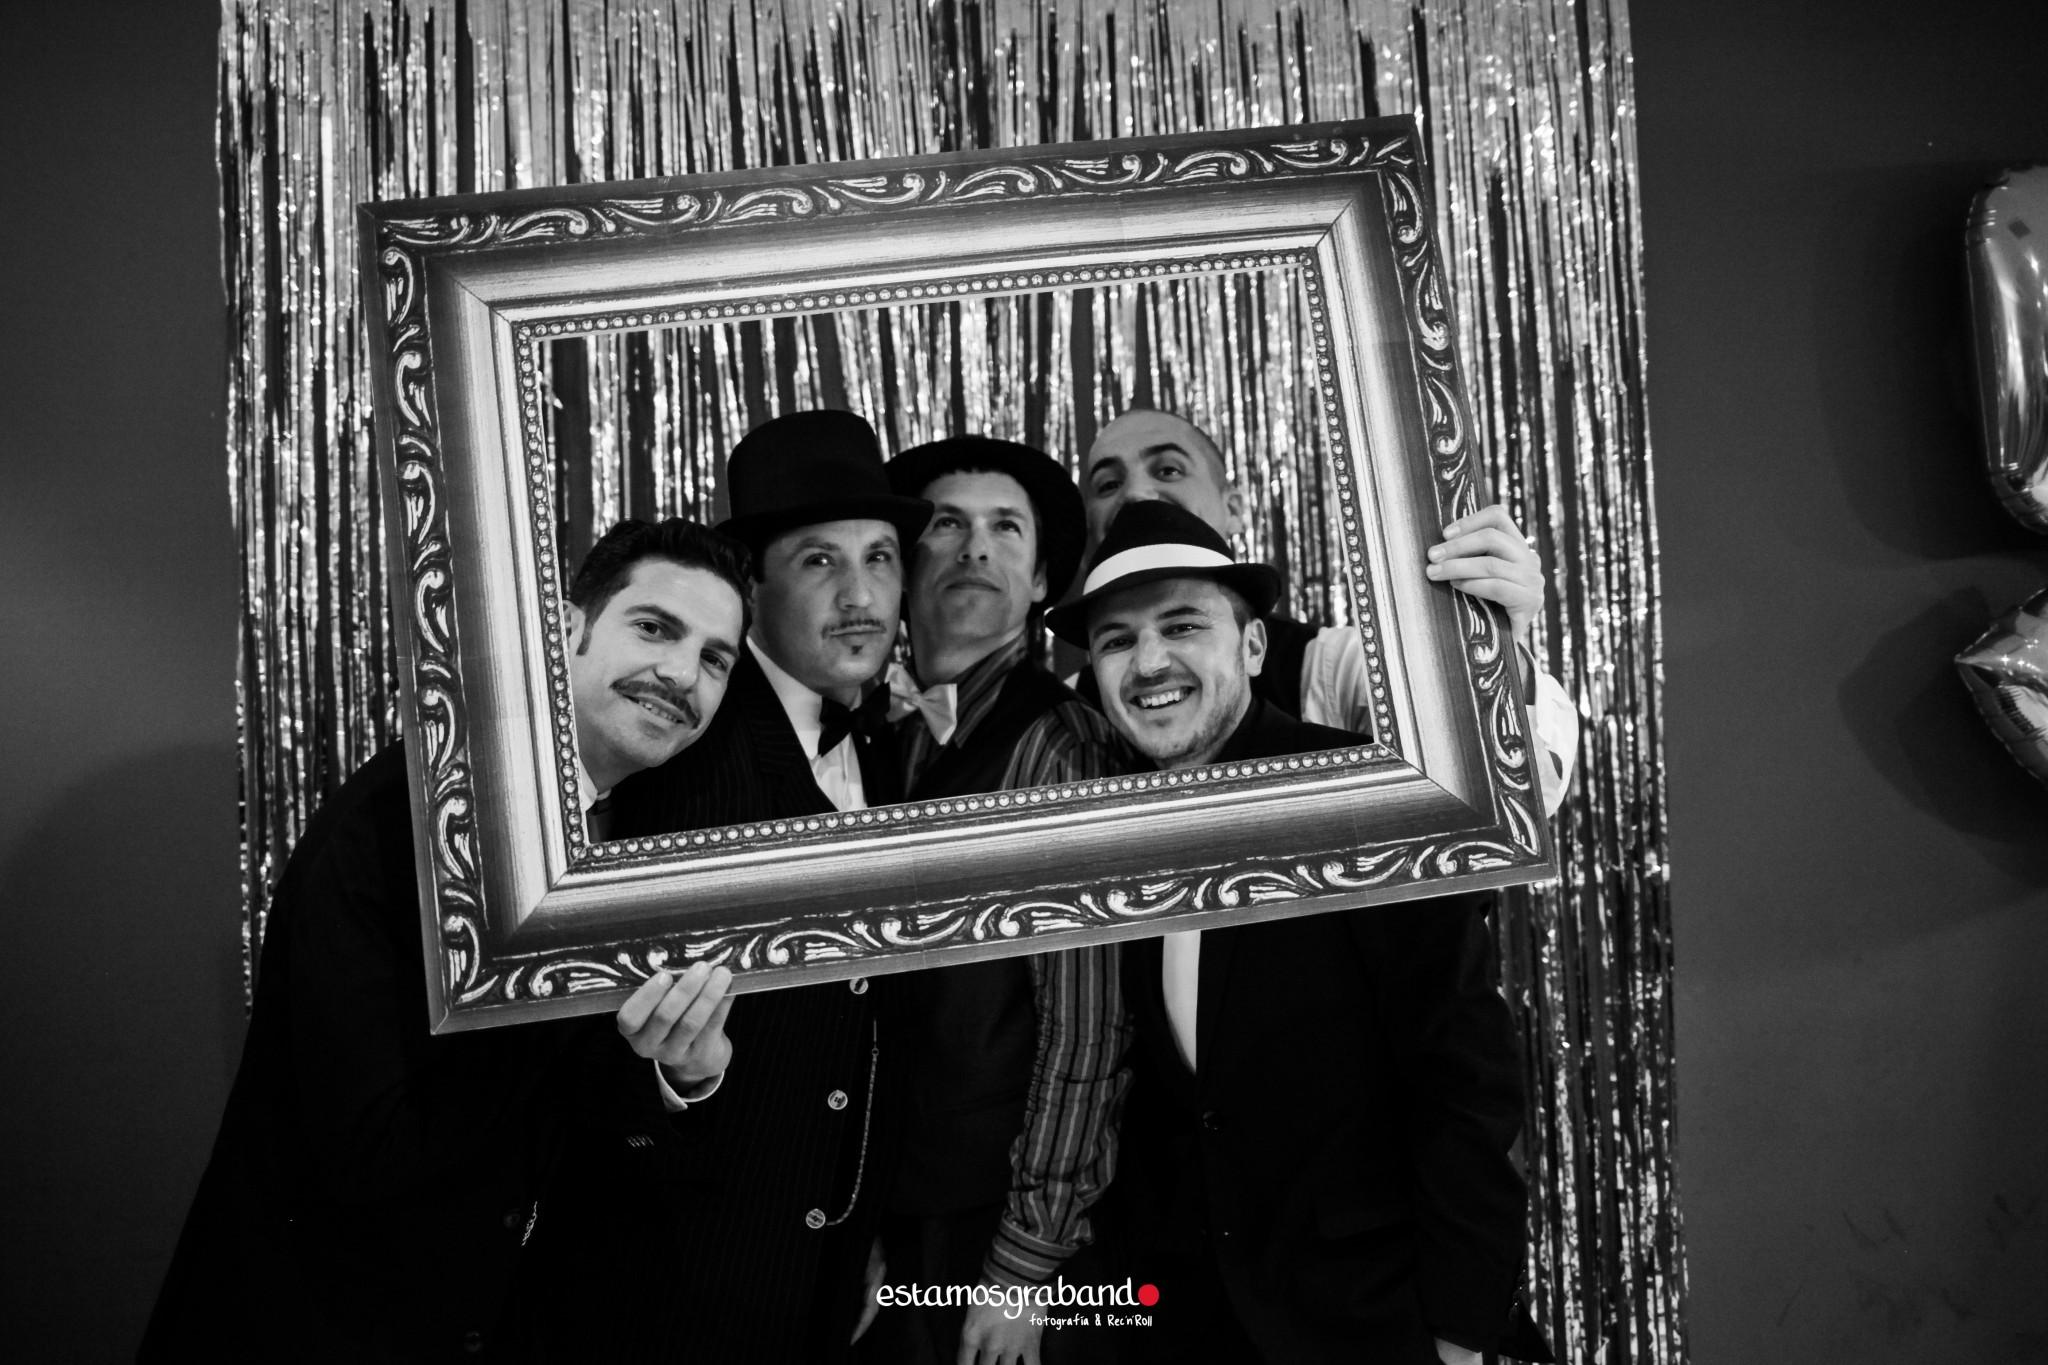 Años-20-BBTP-80-de-109 Los locos Años 20 [Fotografía en La Teta de Julieta, Cádiz] - video boda cadiz